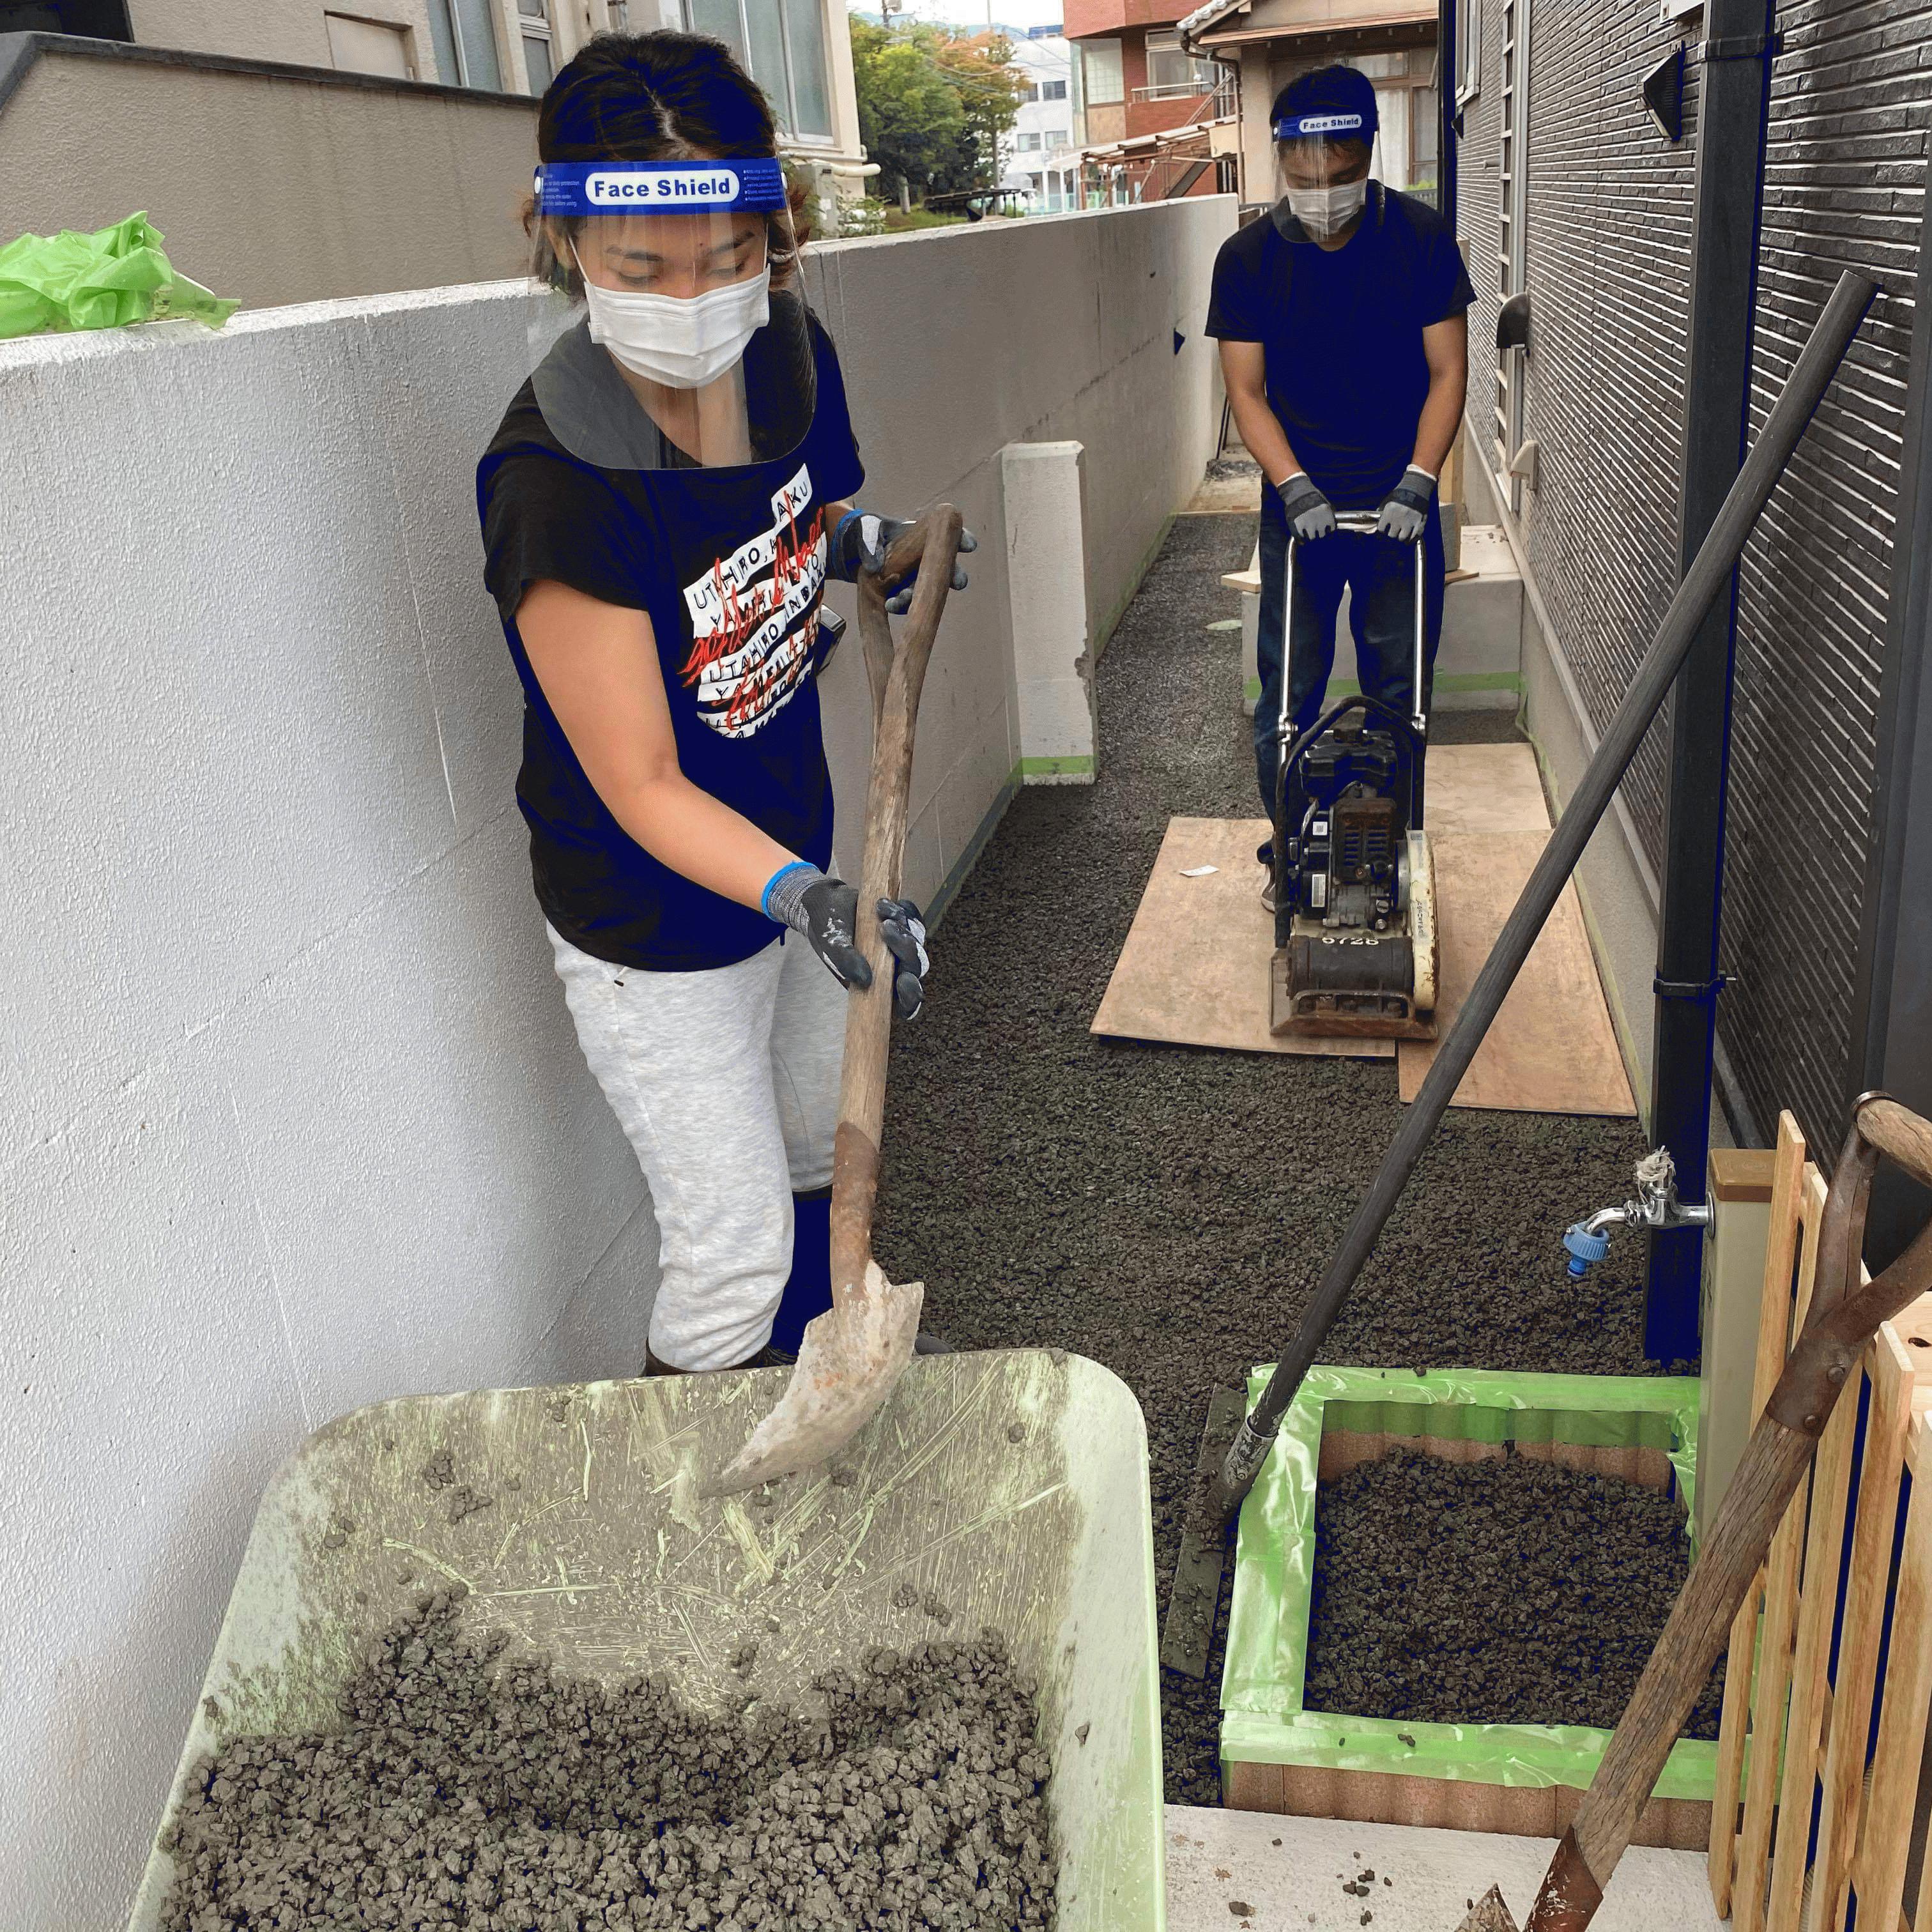 【広島】「そんなに難しくなく楽しく施工できました」DIY供給体制・エクスショップ